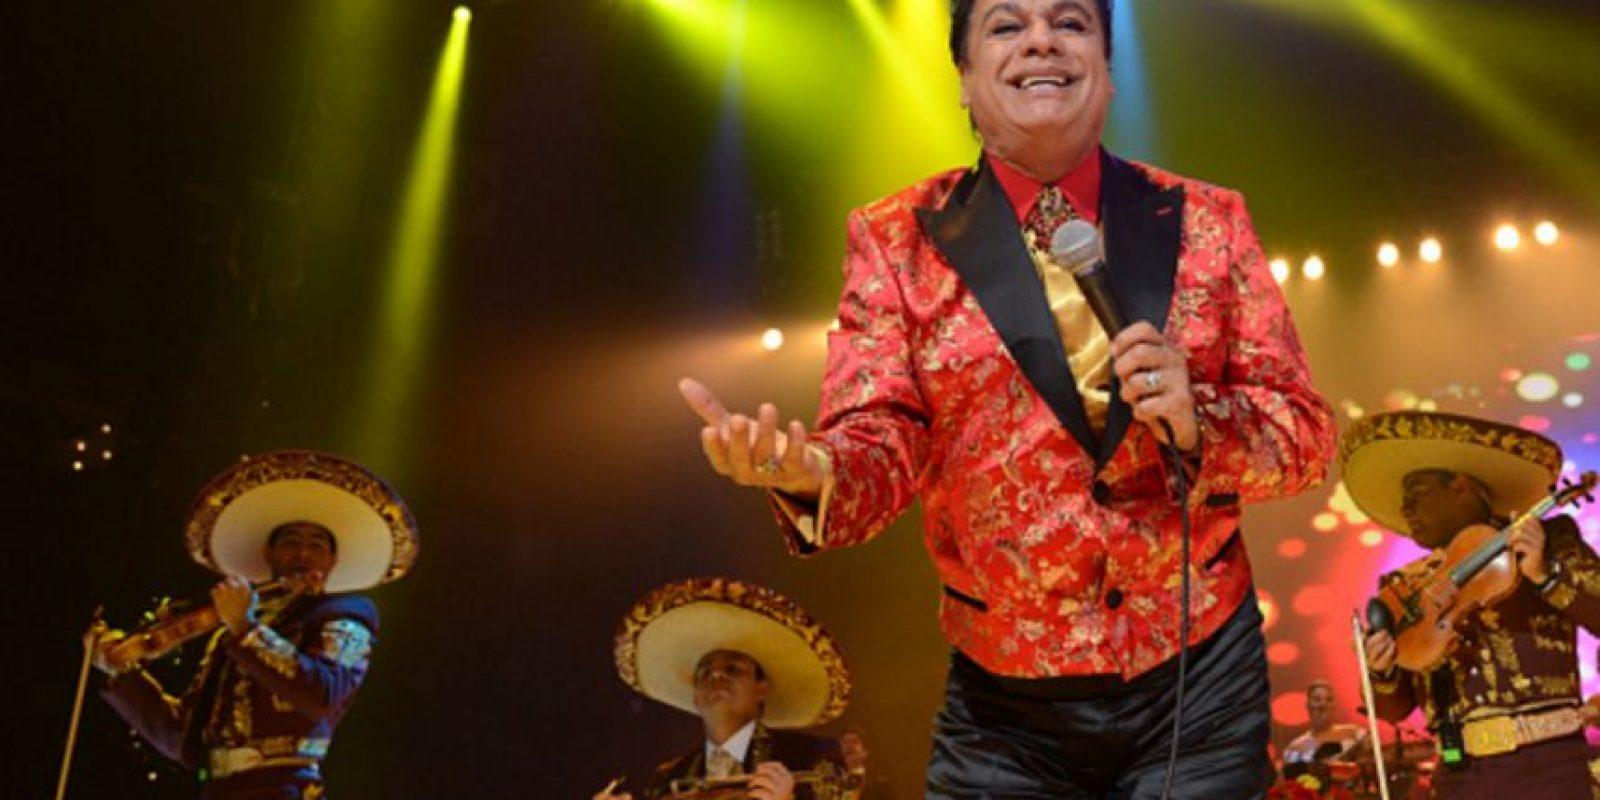 Su talento, su profunda lírica. Su presencia. Esto lo convirtió en ícono latinoamericano. Foto:Getty Images